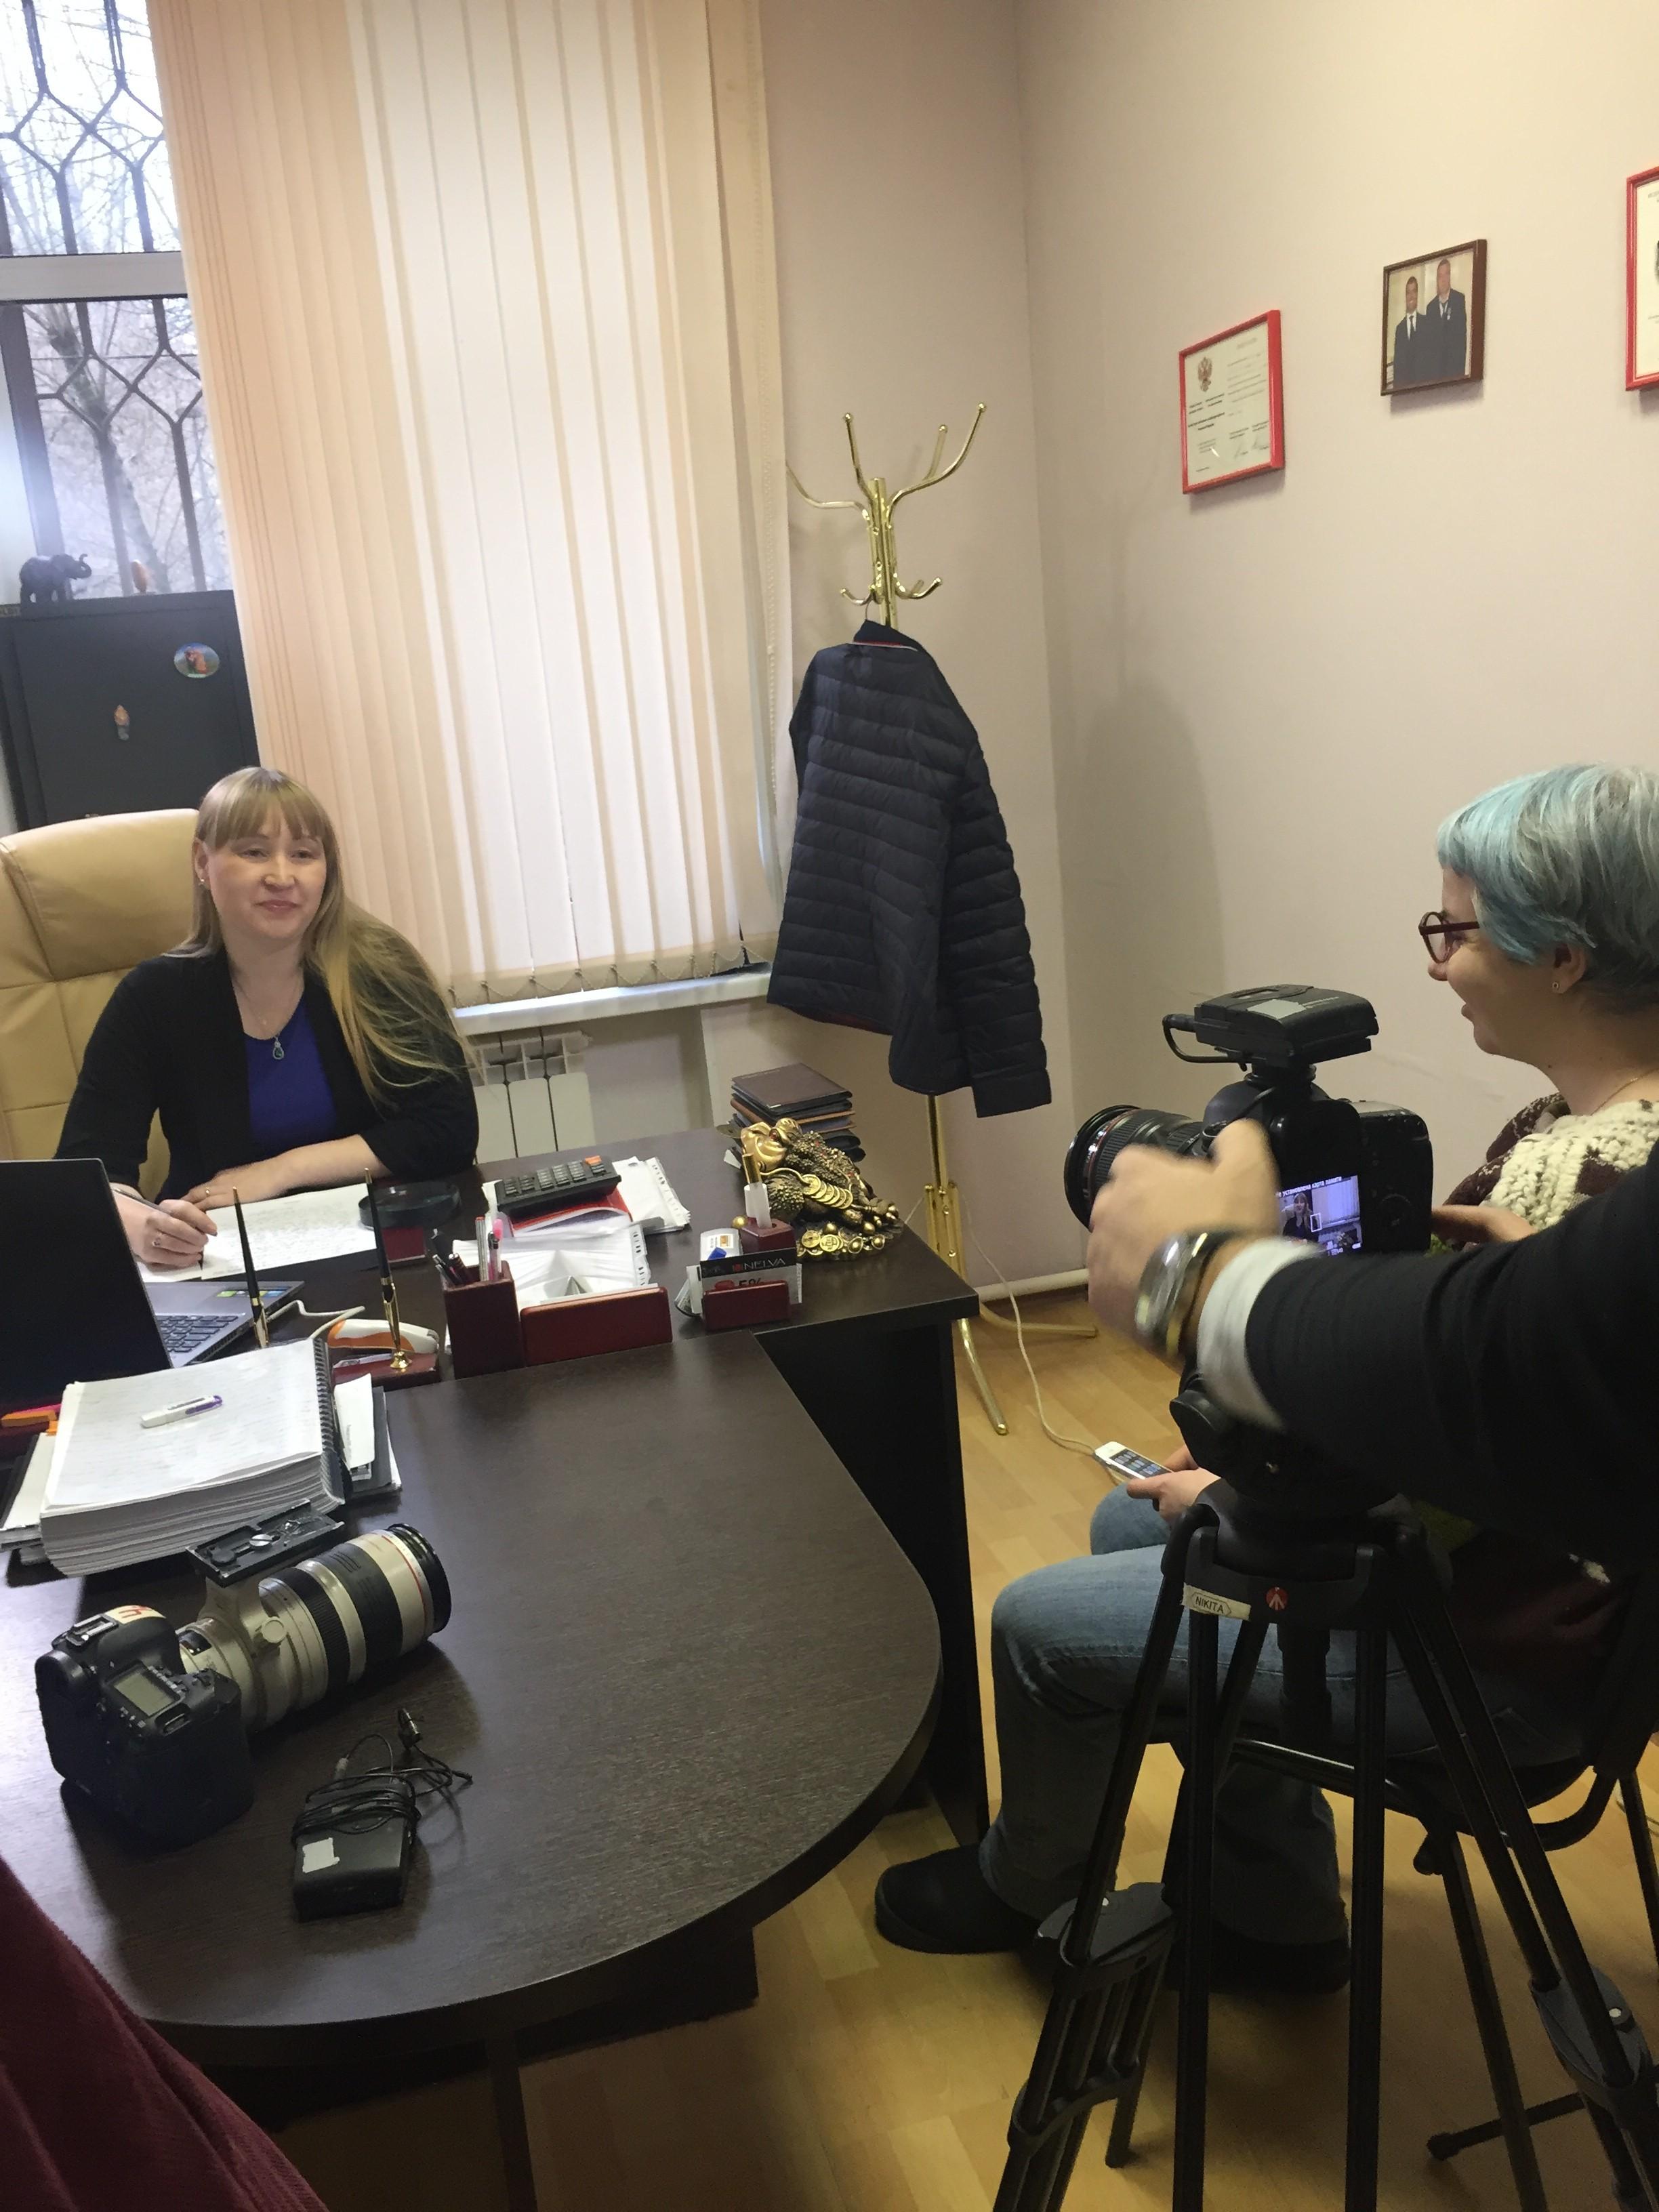 Репортеры телеканала посетили нашего эксперта по почерковедческой экспертизе